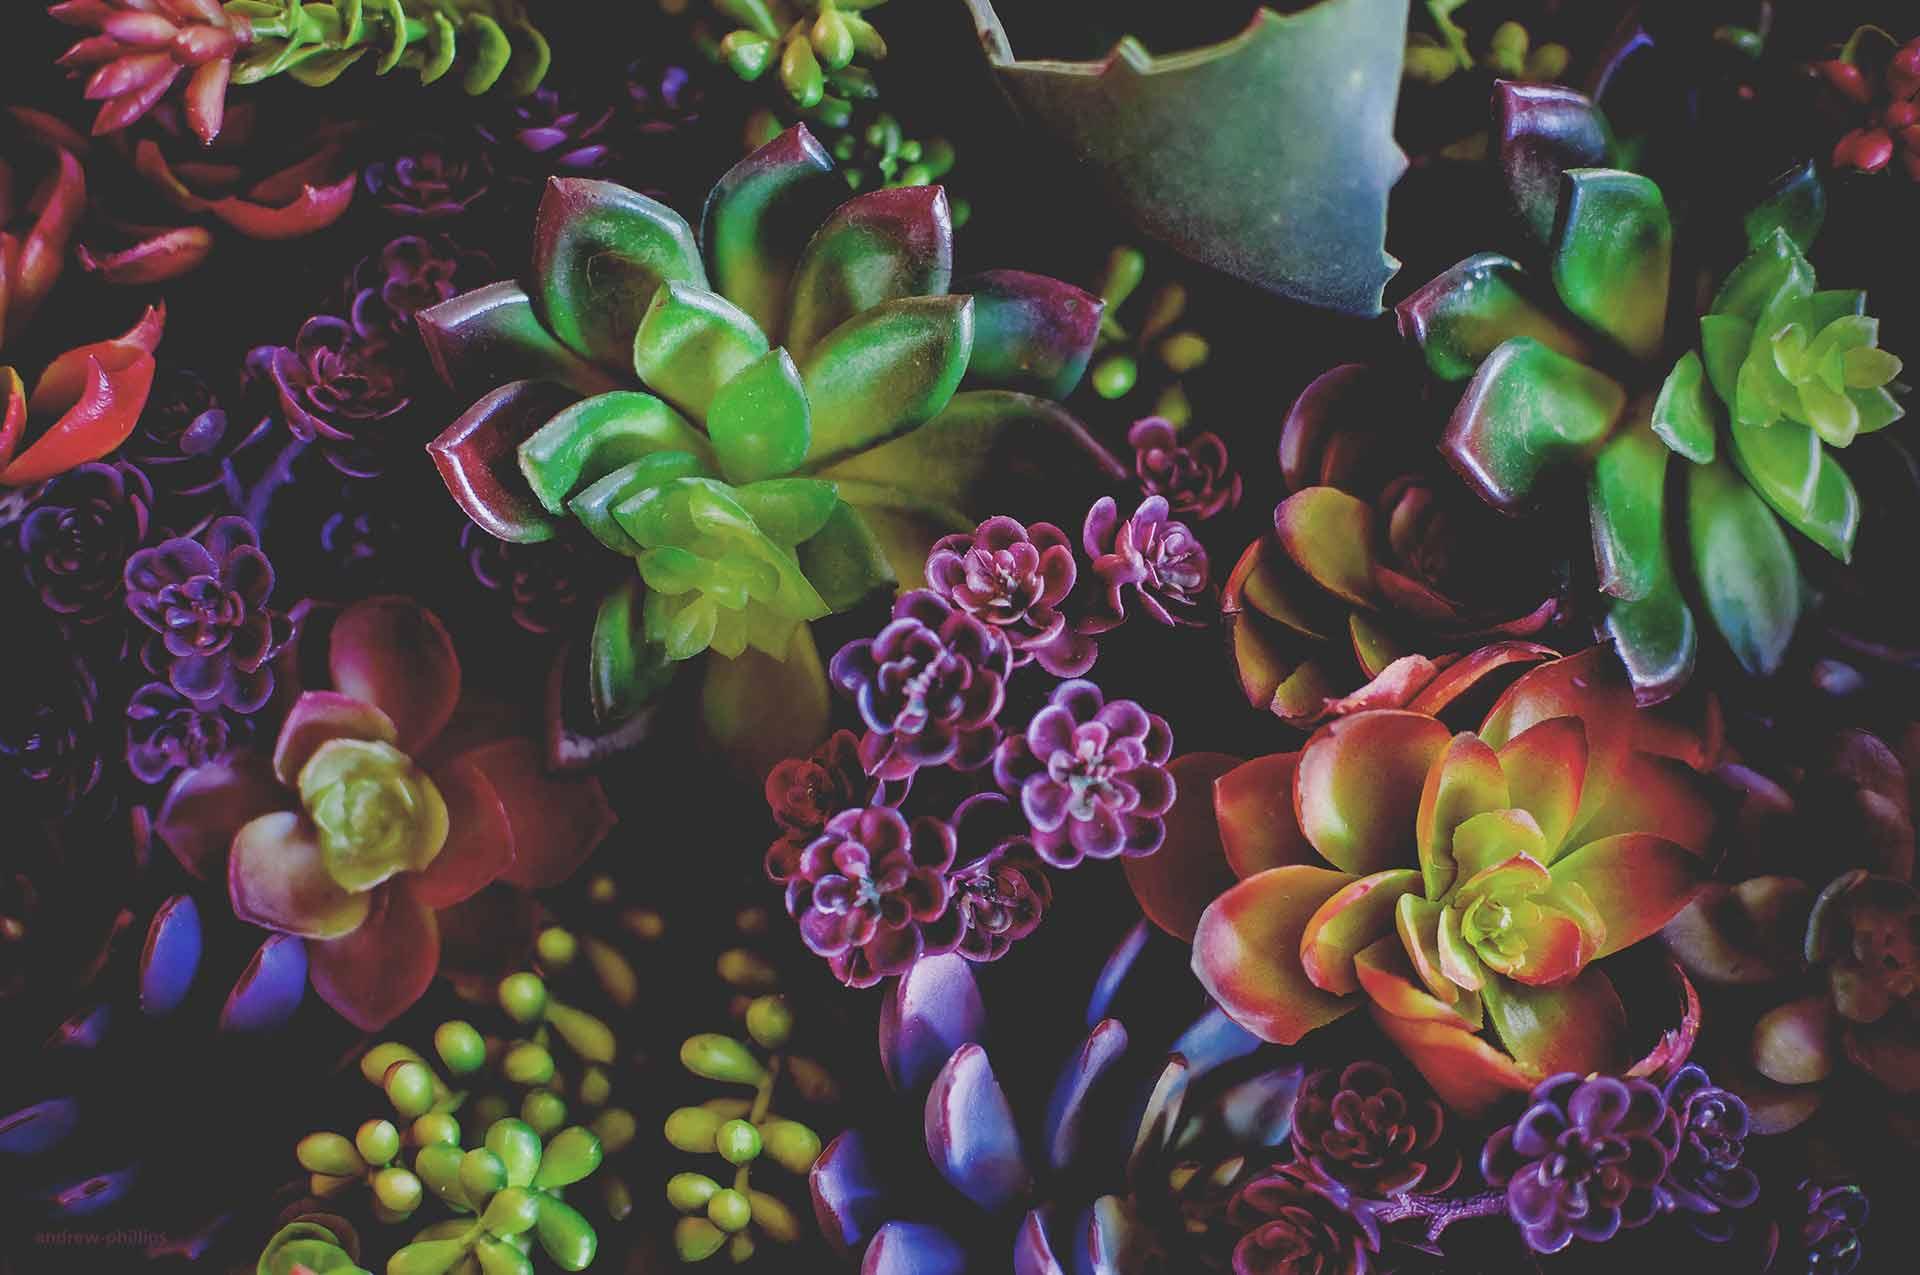 Trauer Beerdigung Bestattung Floristik Kranz Strauss Blumen